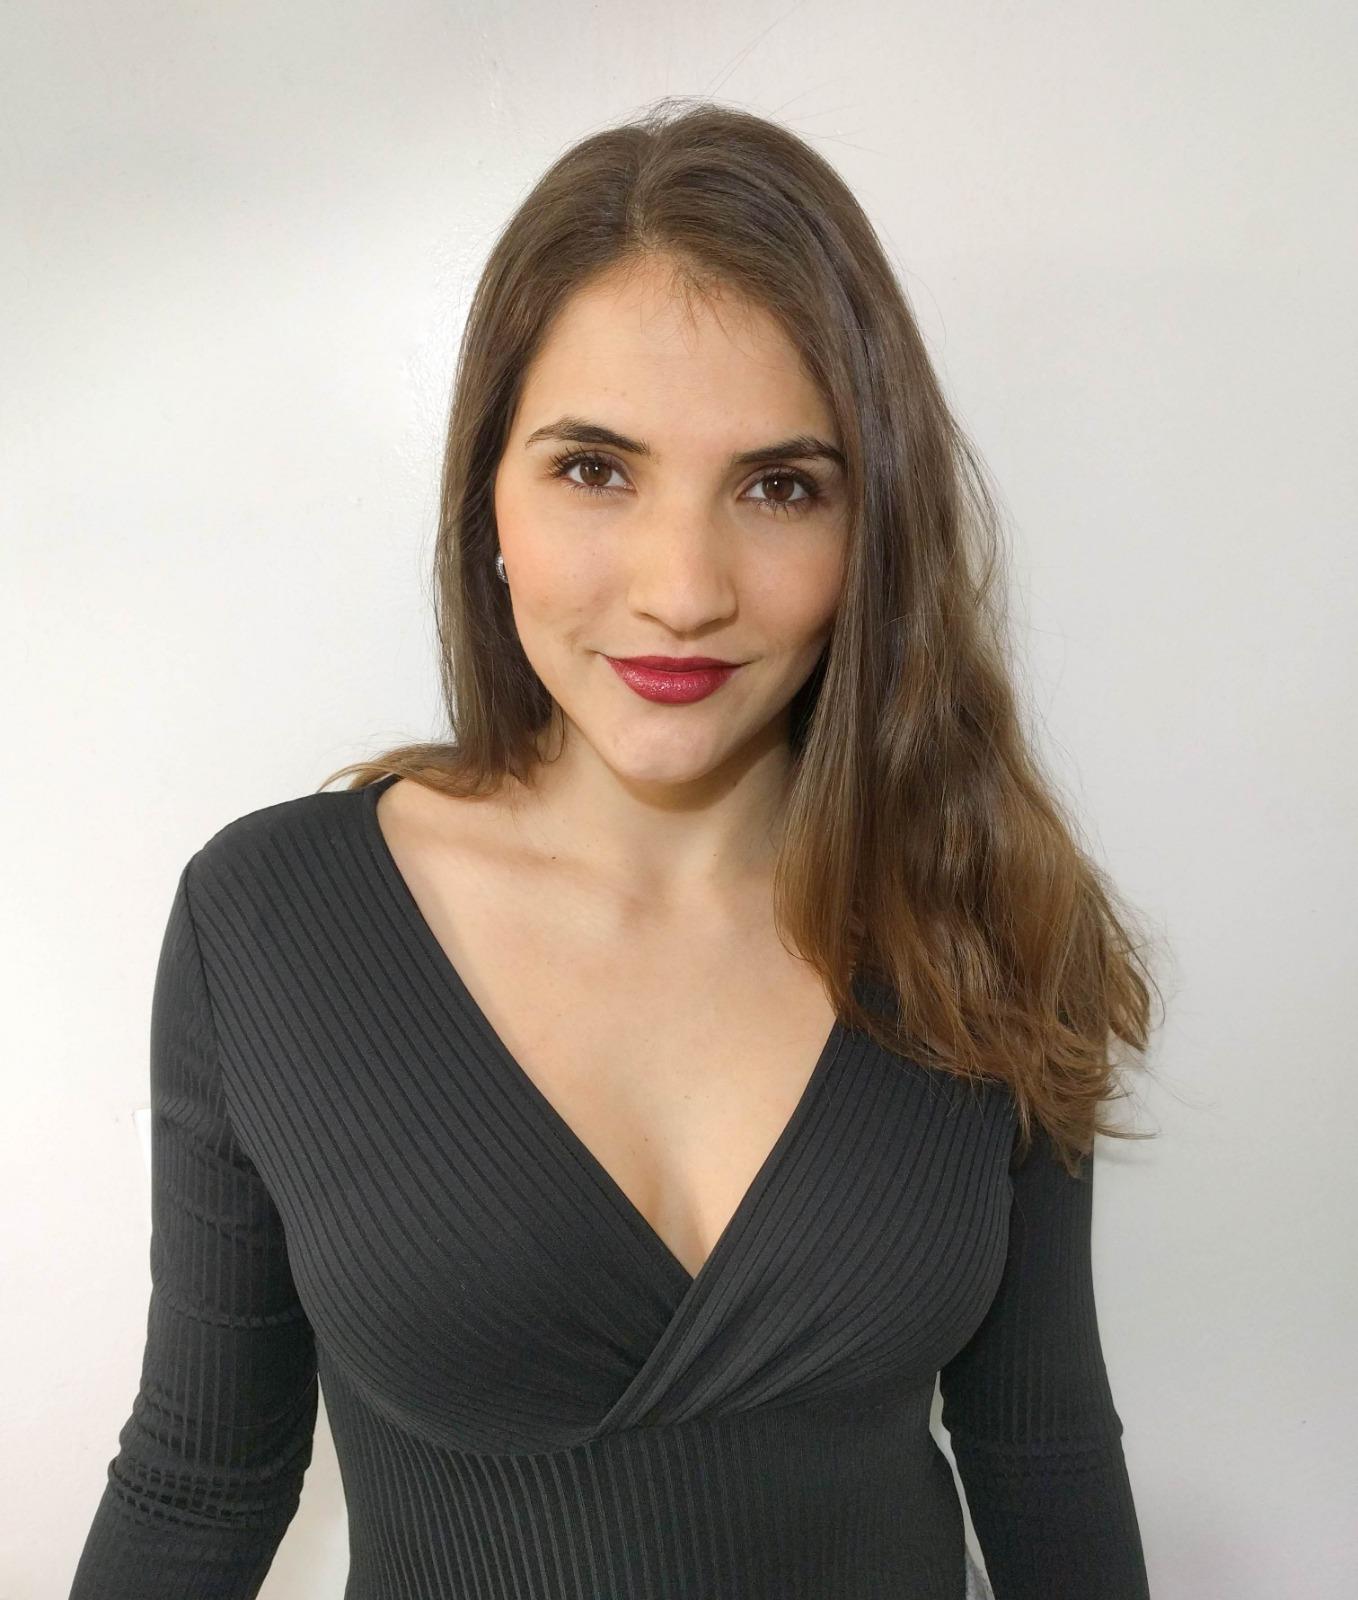 Nicole-U